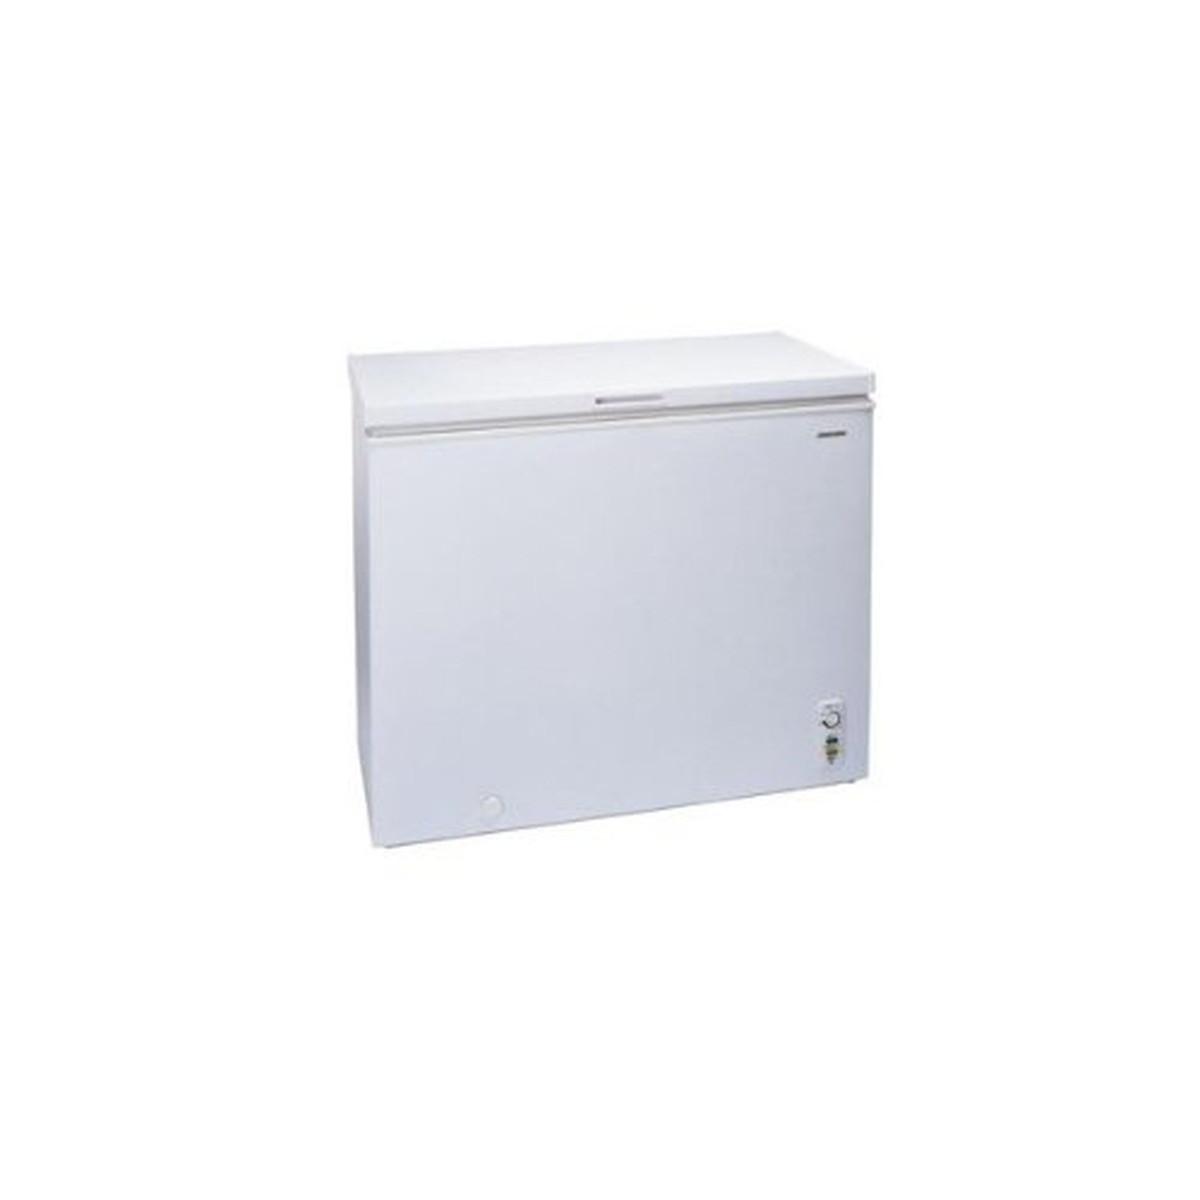 【エントリーでポイント9倍】アビテラックス 205L チェストタイプ 冷凍庫(フリーザー) 直冷式 ホワイトAbitelax ACF-205C【05/09 20:00~05/16 01:59】